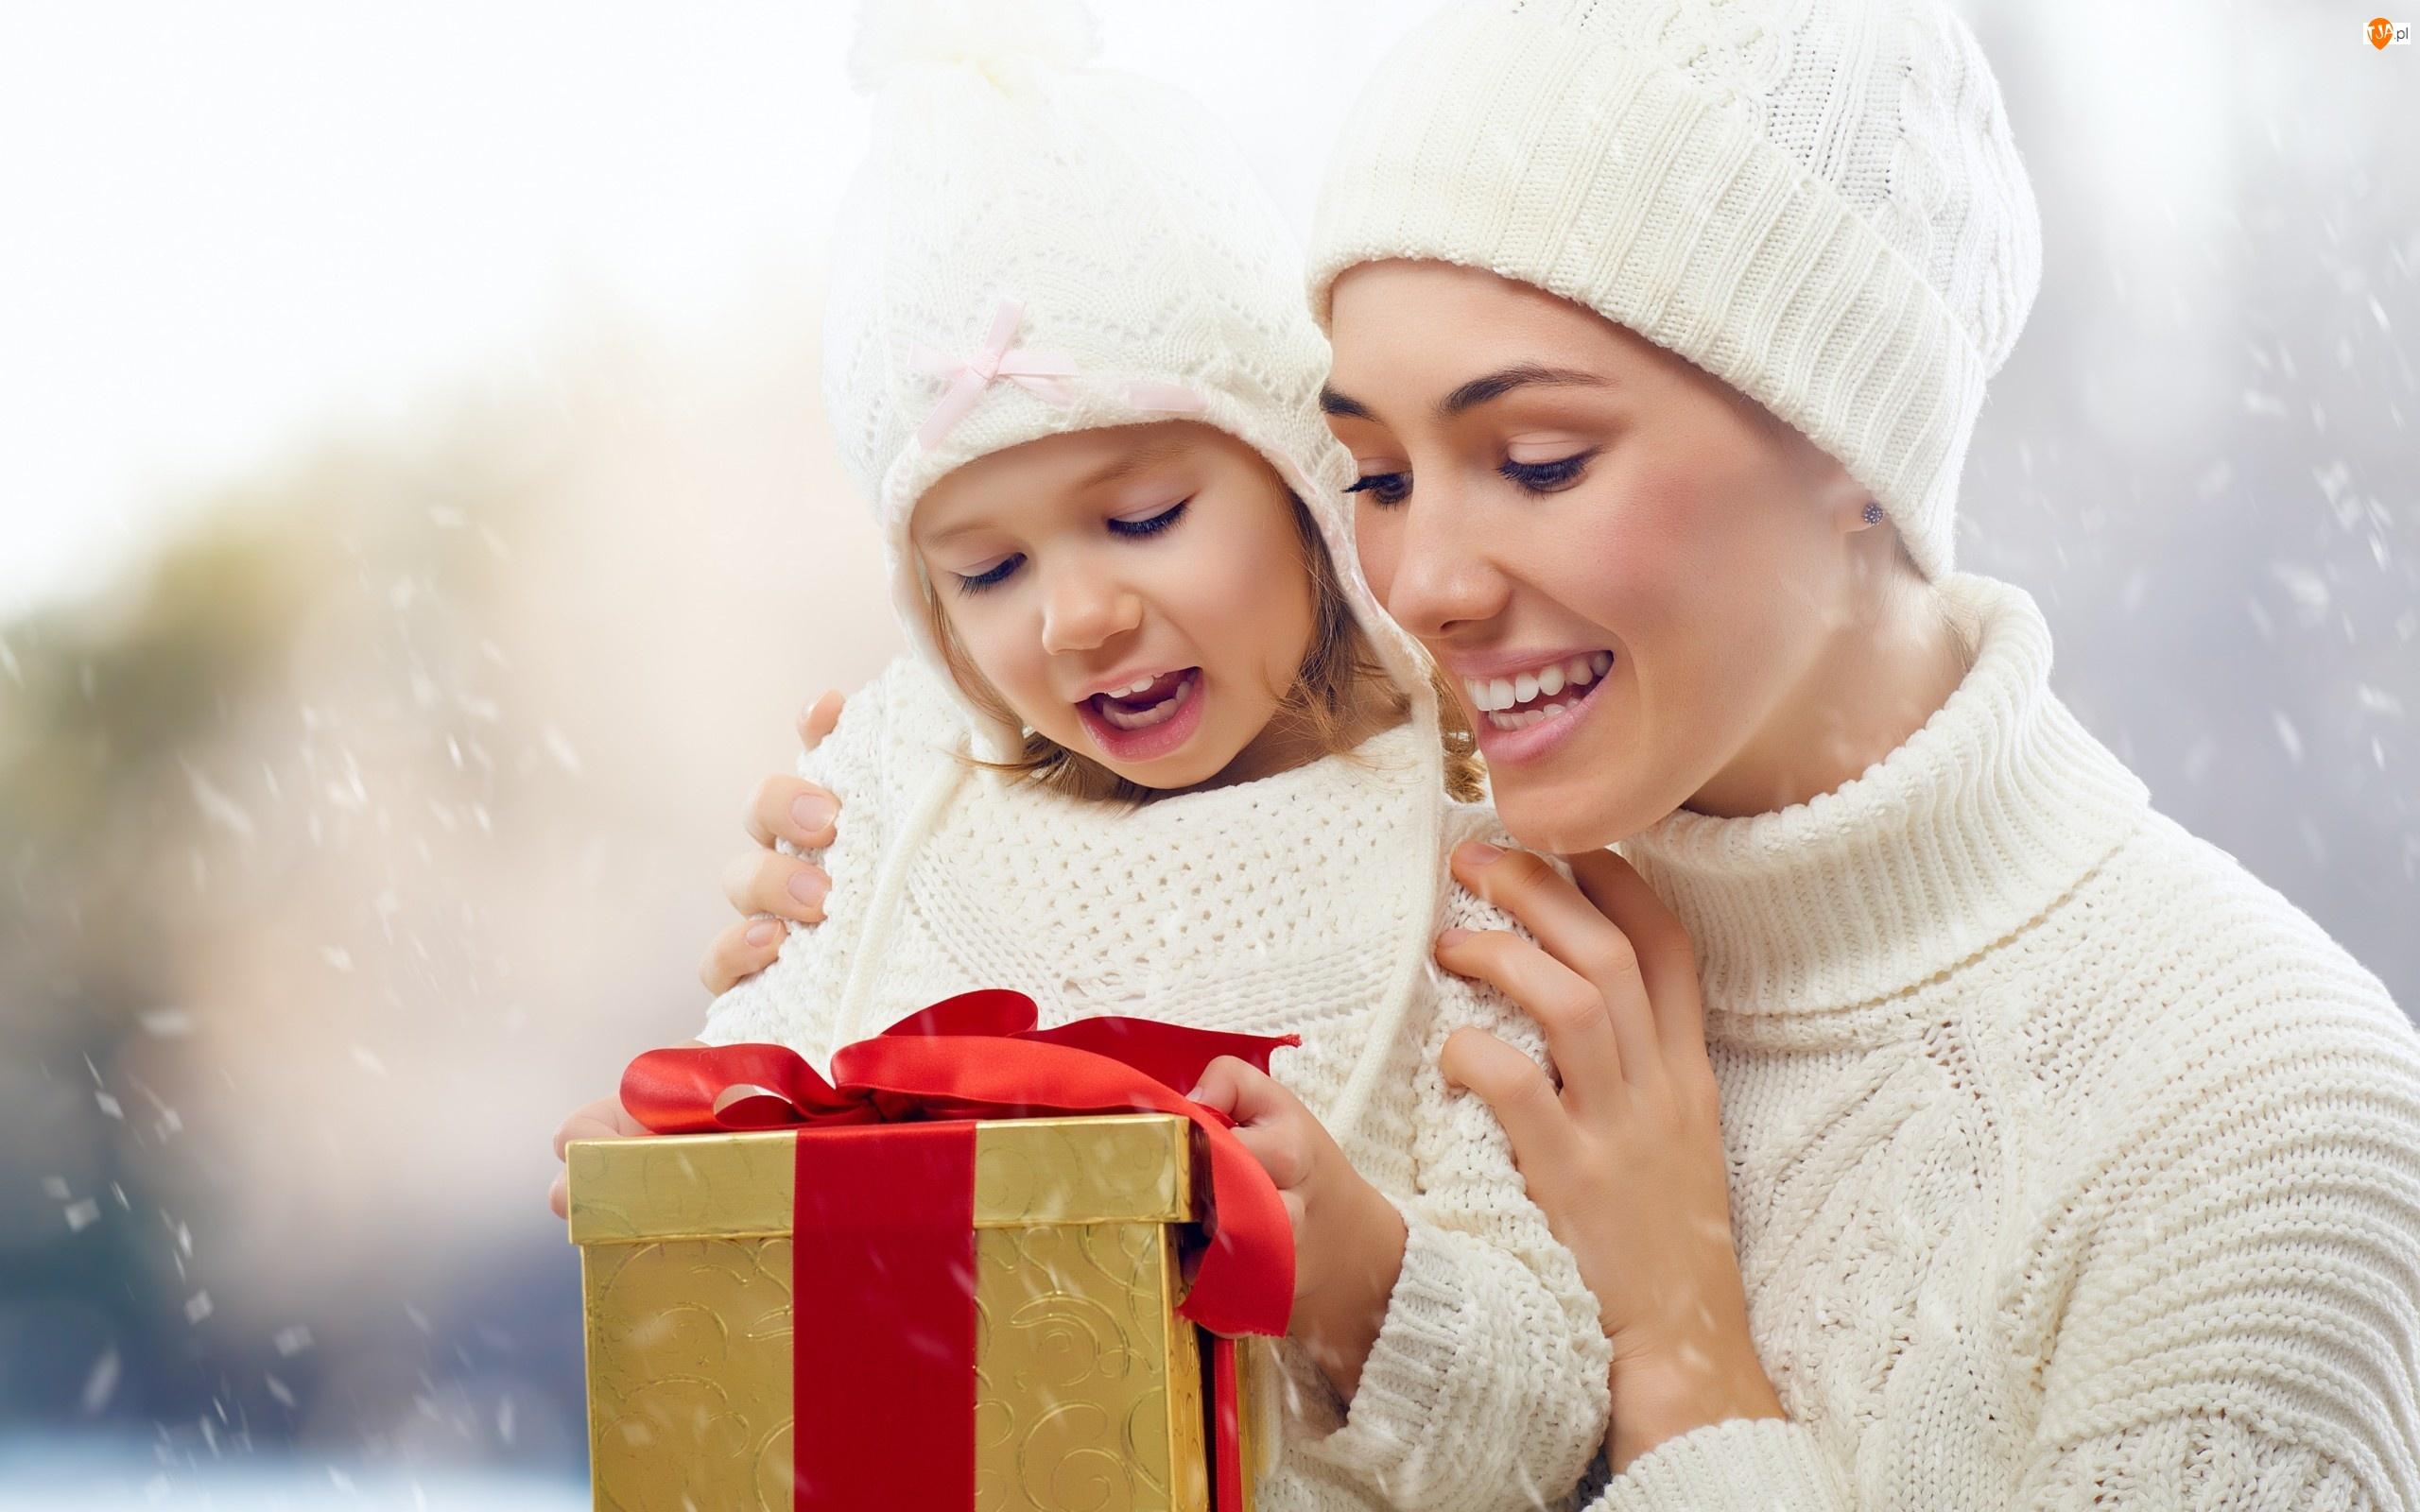 Kobieta, Uśmiech, Dziecko, Prezent